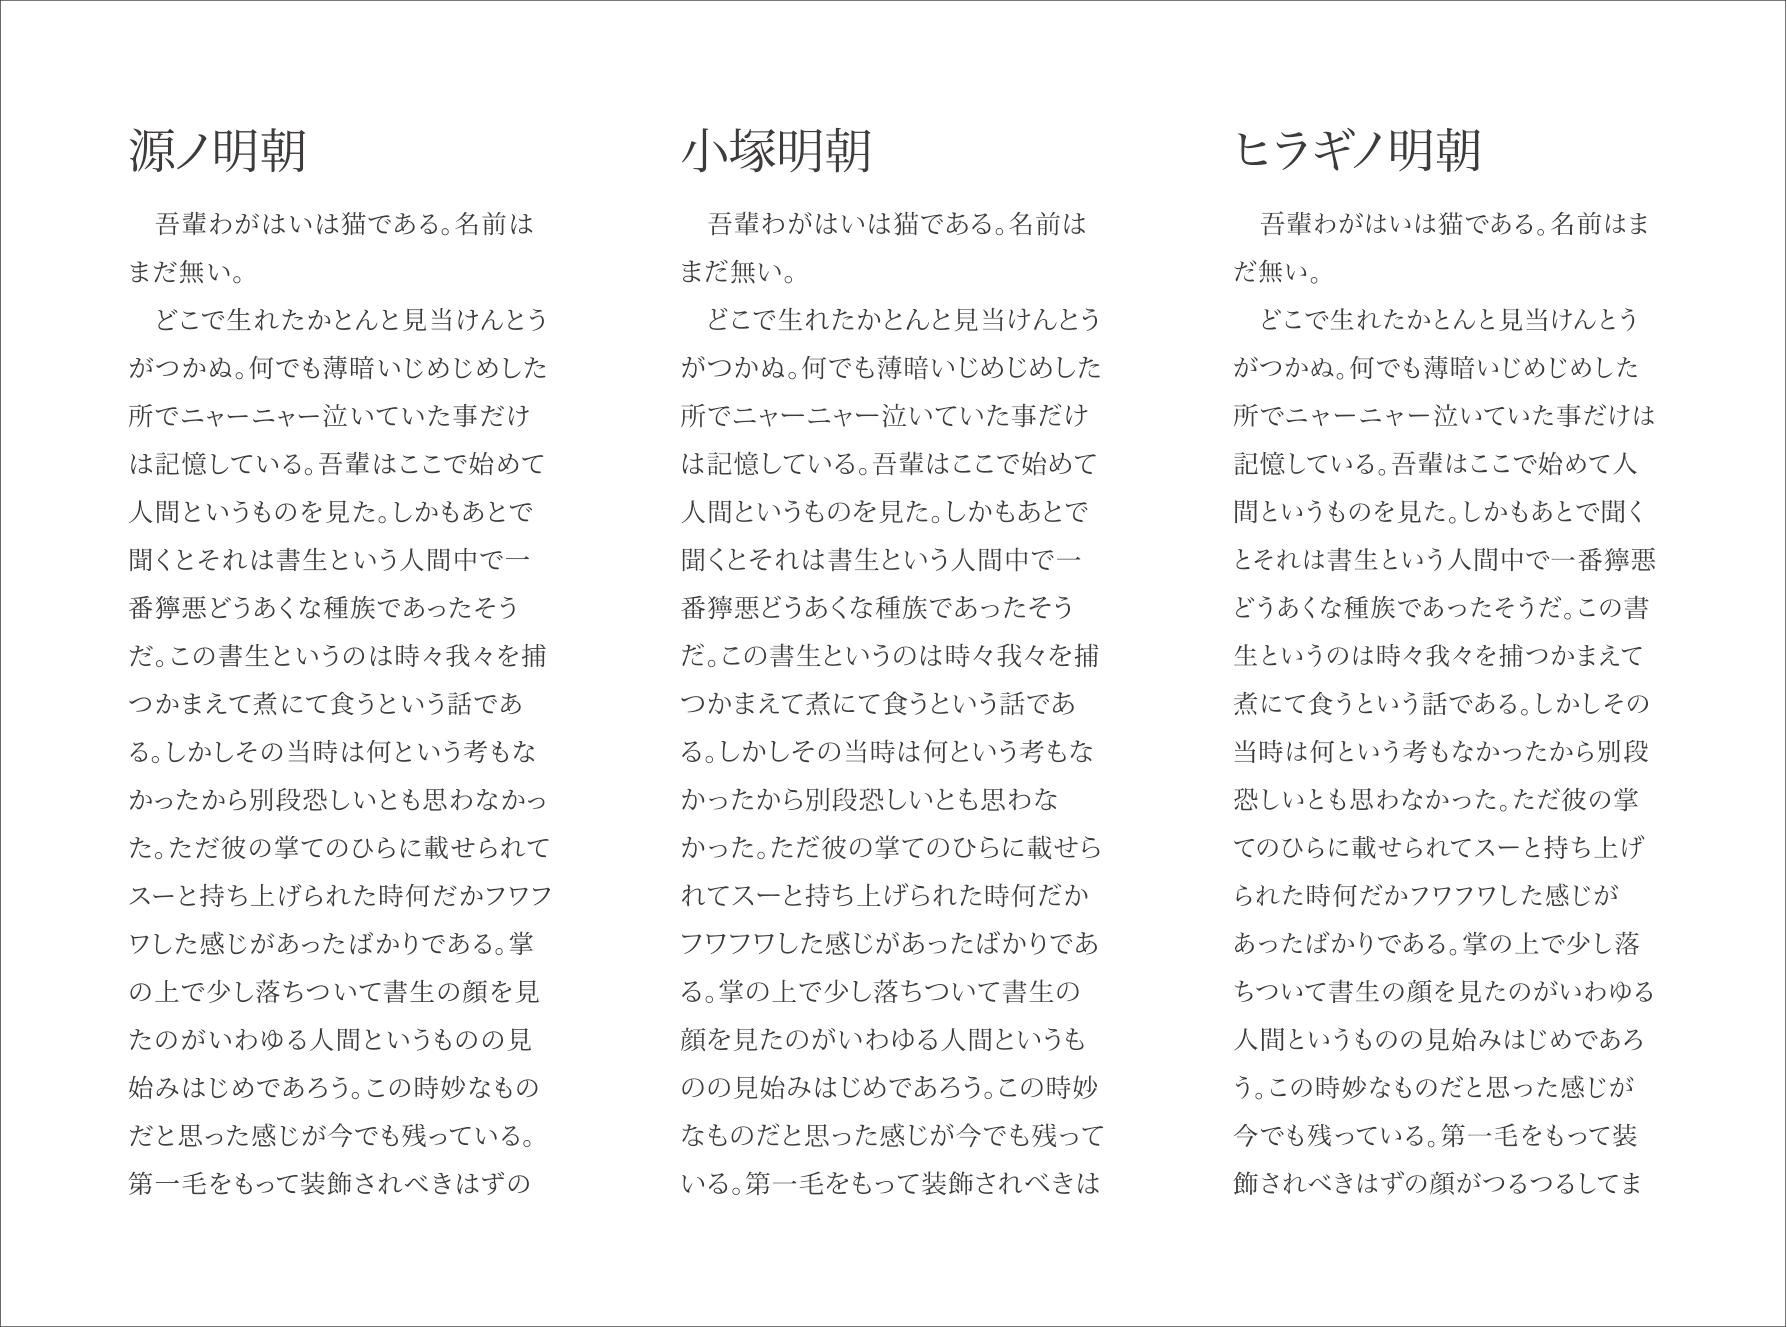 比較:源ノ明朝/小塚明朝/ヒラギノ明朝